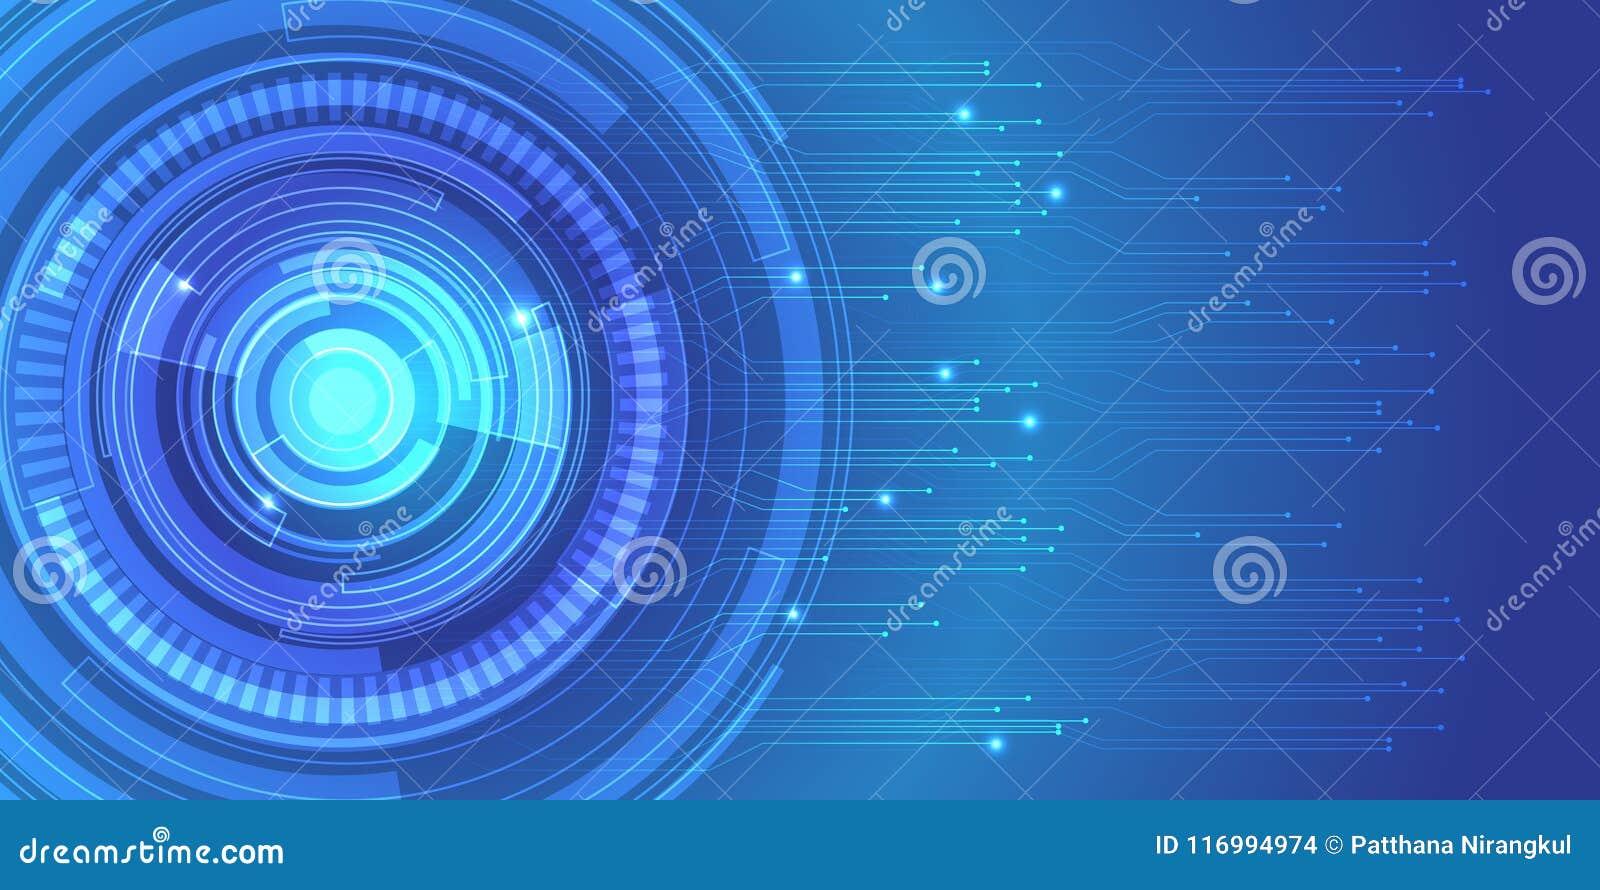 Fondo Azul Metálico Abstracto De Diseño Moderno De La: Vector Futurista Moderno Azul Del Fondo Del Diseño De Red